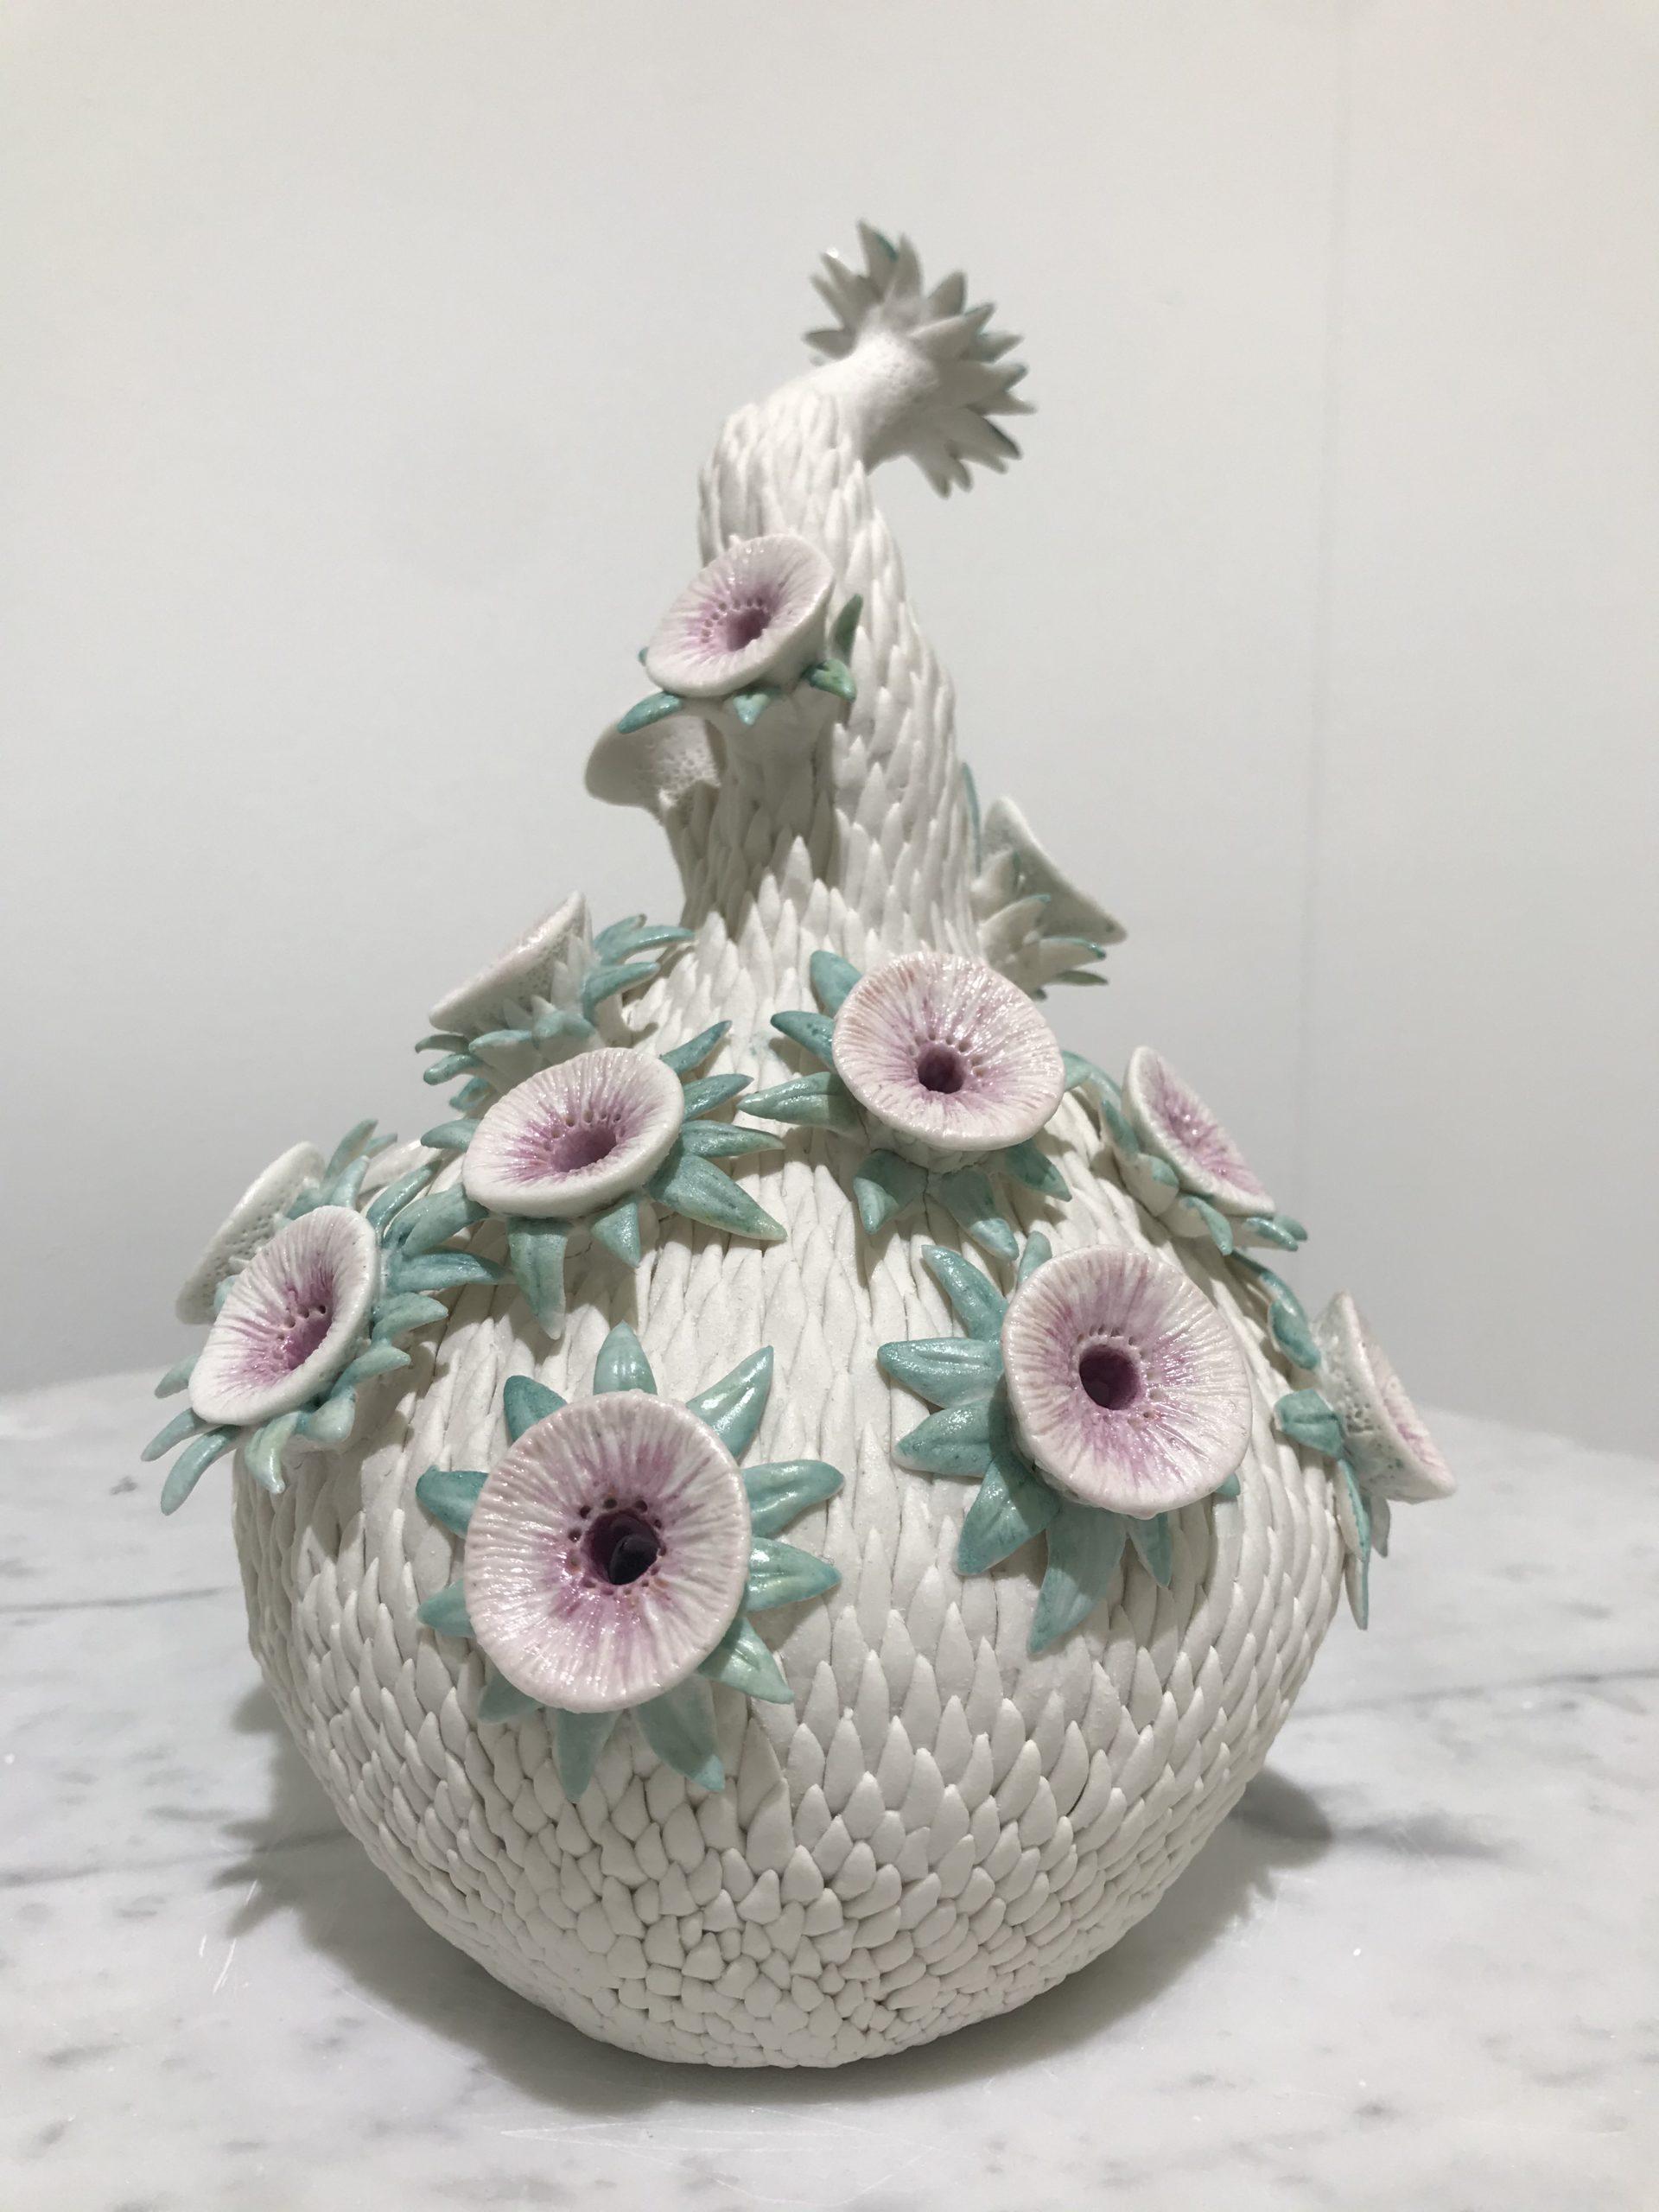 Muriel Persil, La curieuse, dos, Porcelaine, 2019.